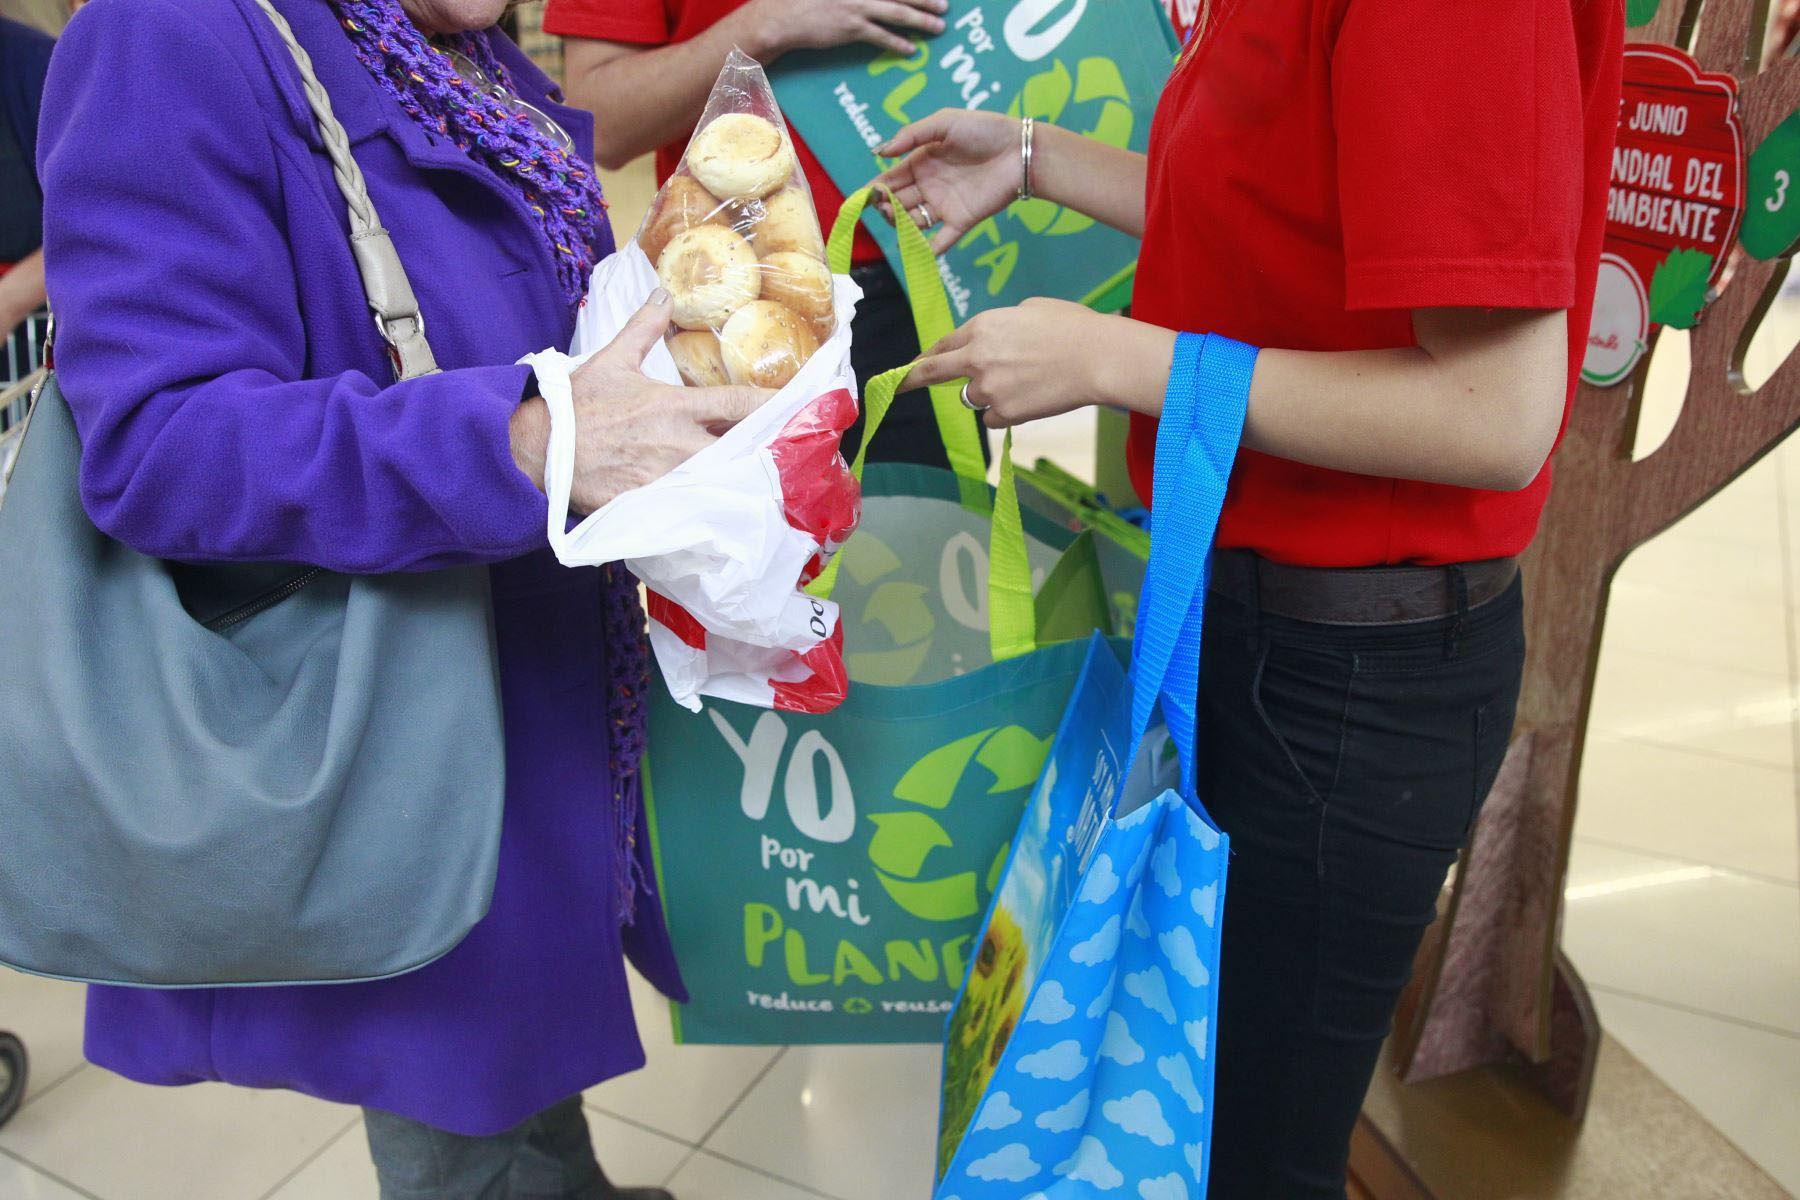 Tributo ecológico redujo en 30 % el consumo de bolsas plásticas en el Perú.